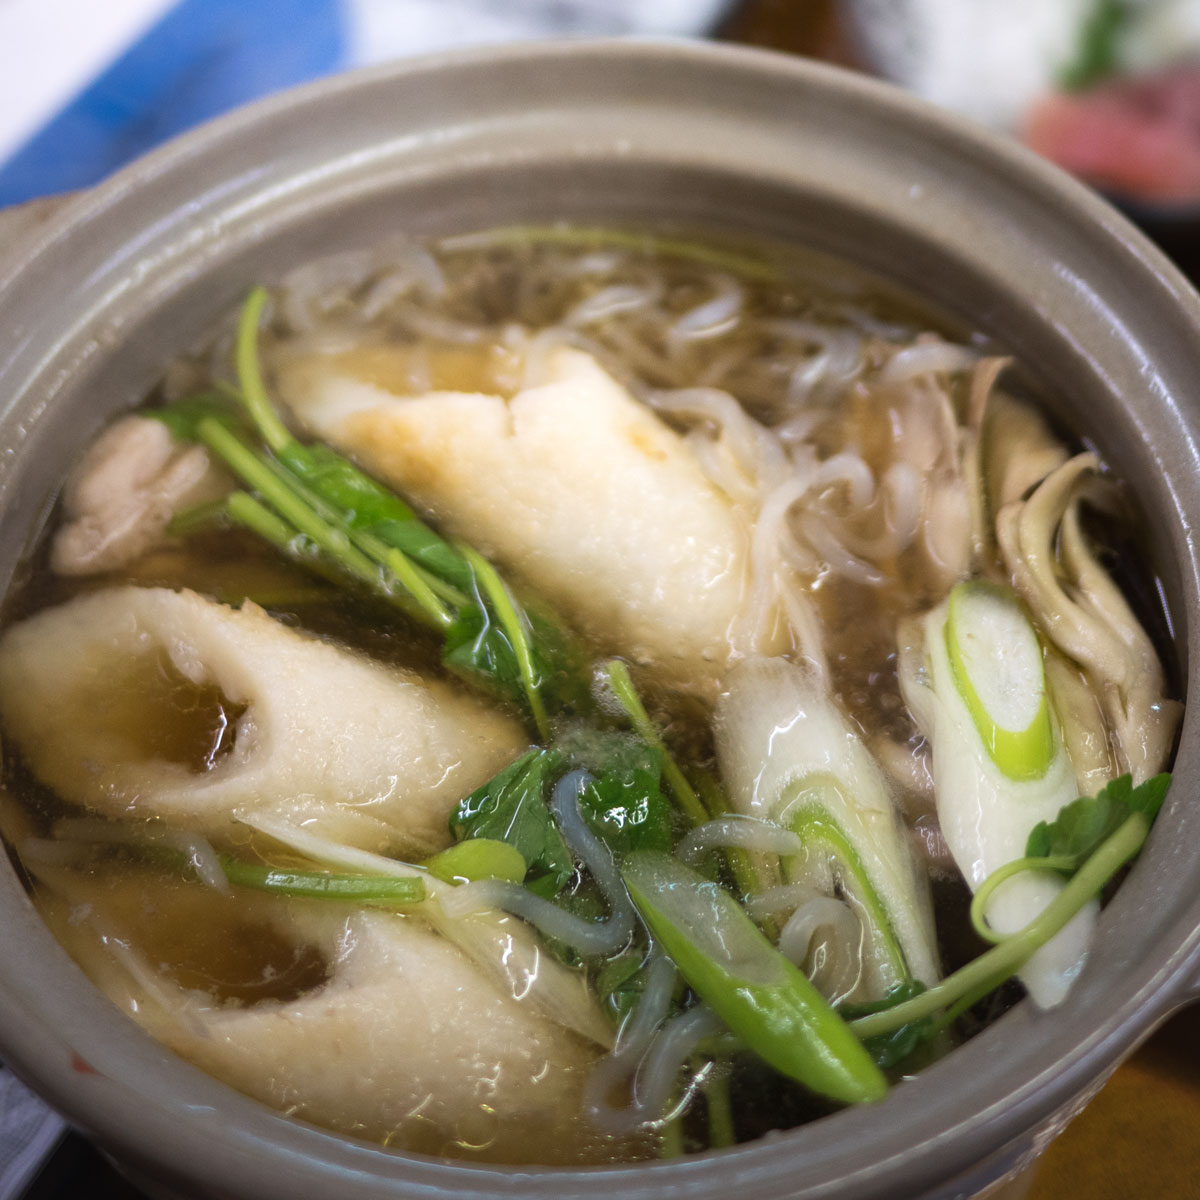 秋田と言えばキリタンポ鍋 肉厚の舞茸と比内鶏の出汁が美味い